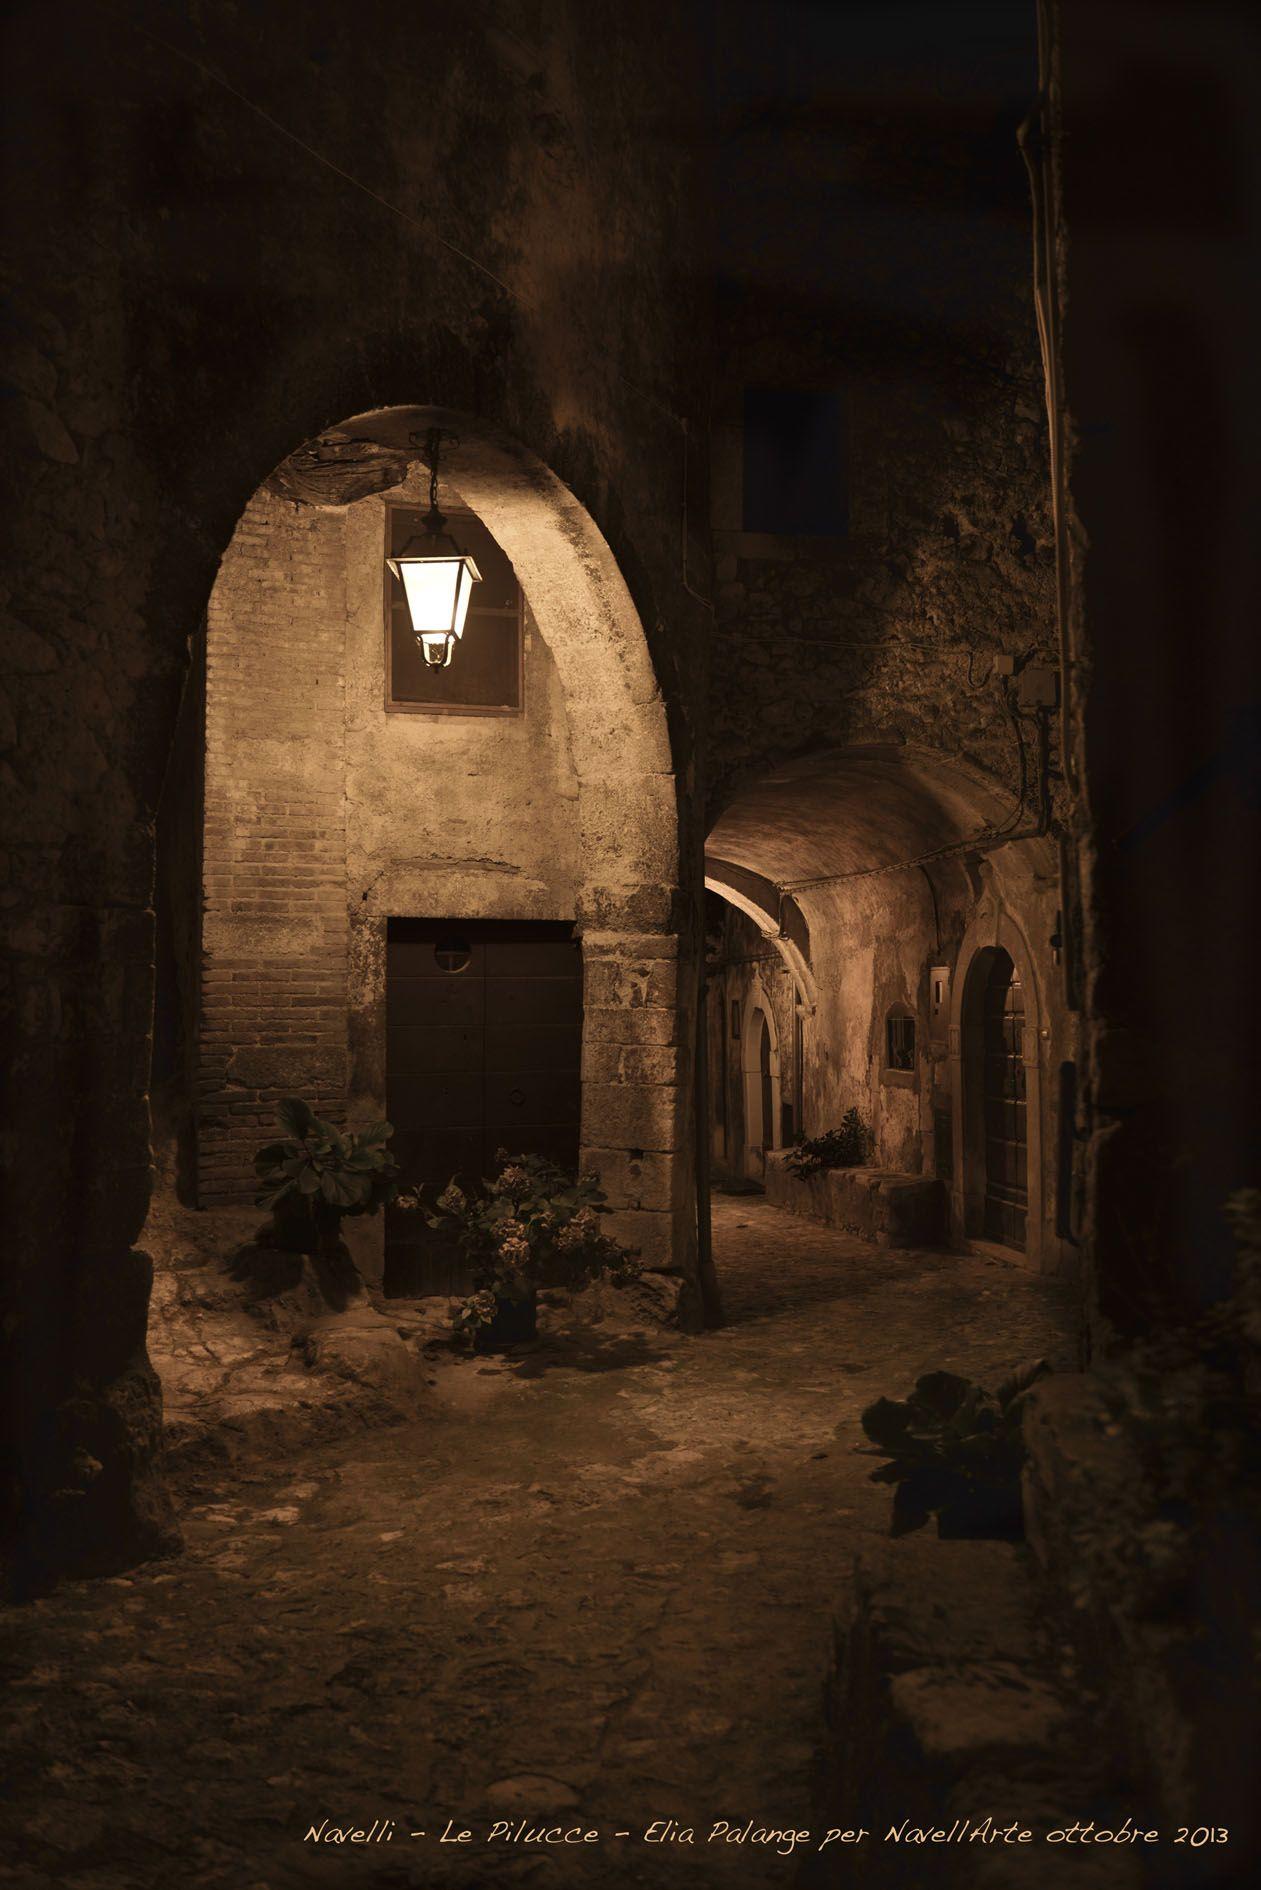 Scorcio medievale di Navelli, il paese dello zafferano DOP dell'Aquila